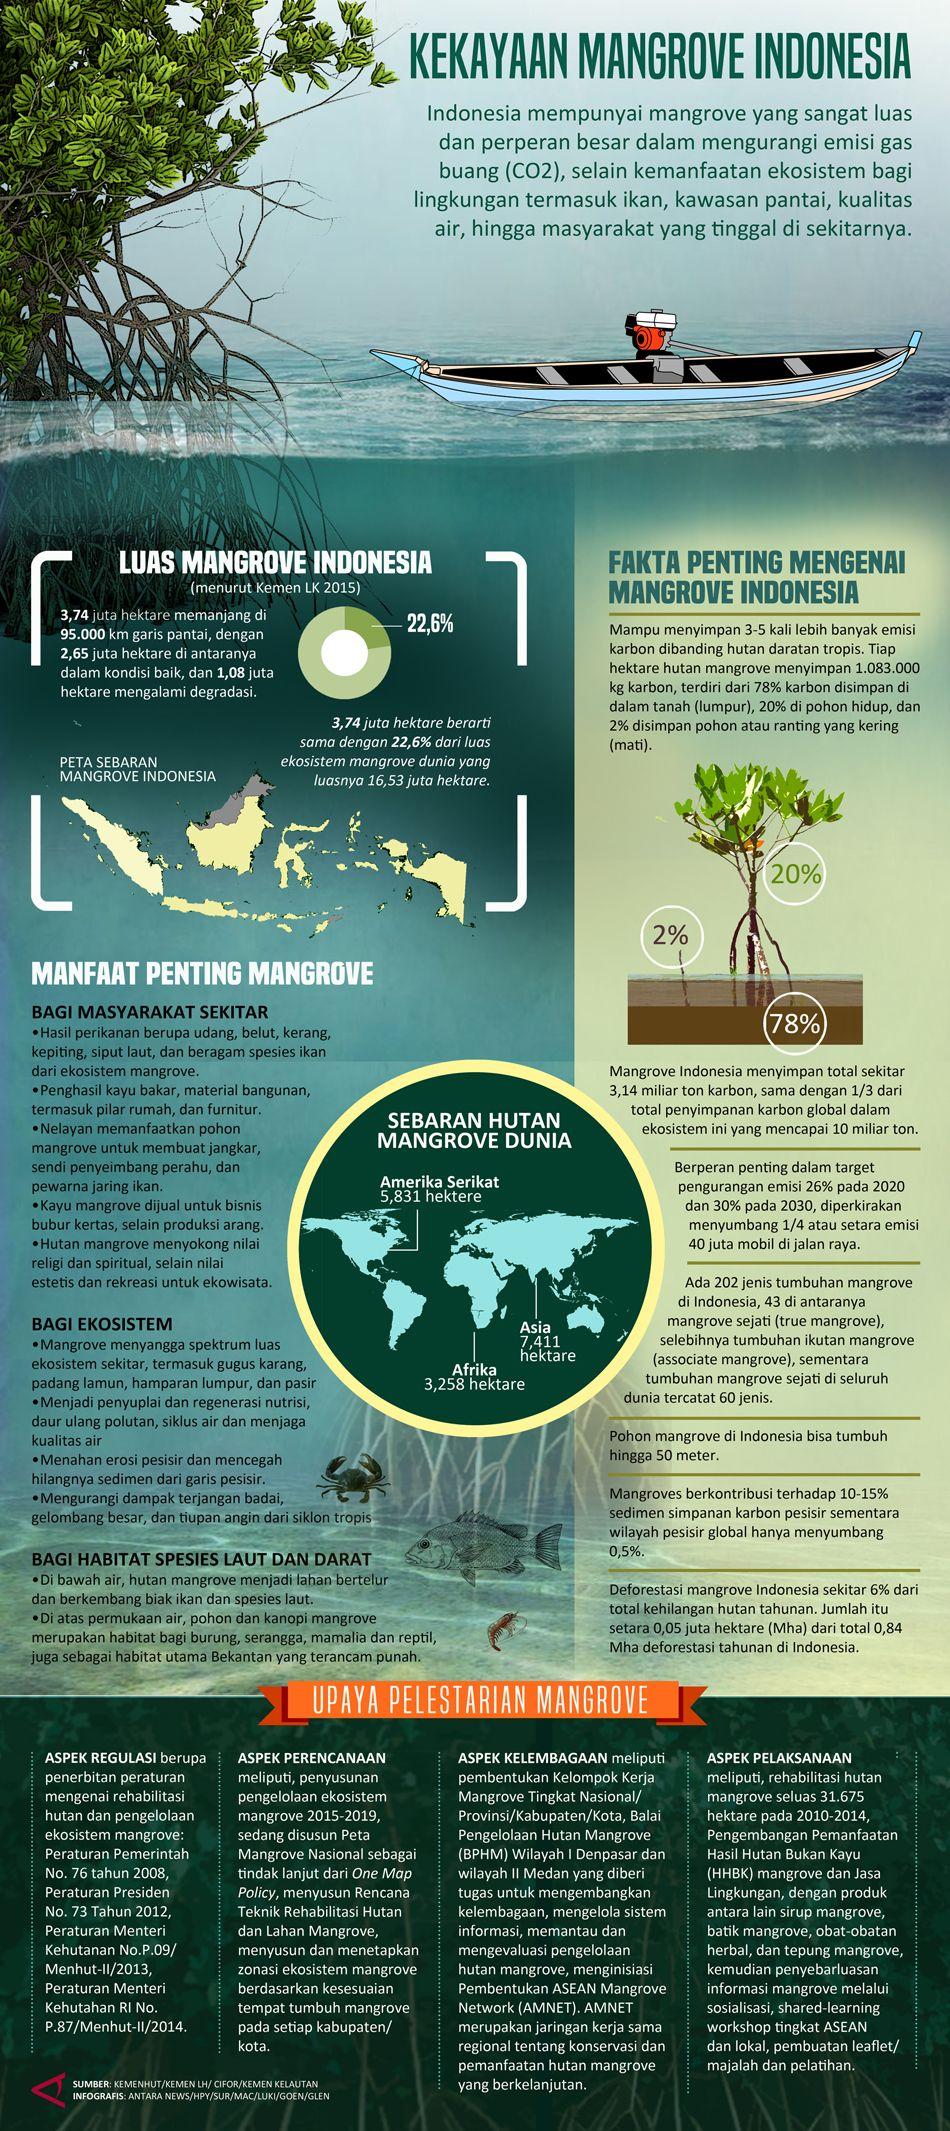 Pengelolaan lingkungan konservasi